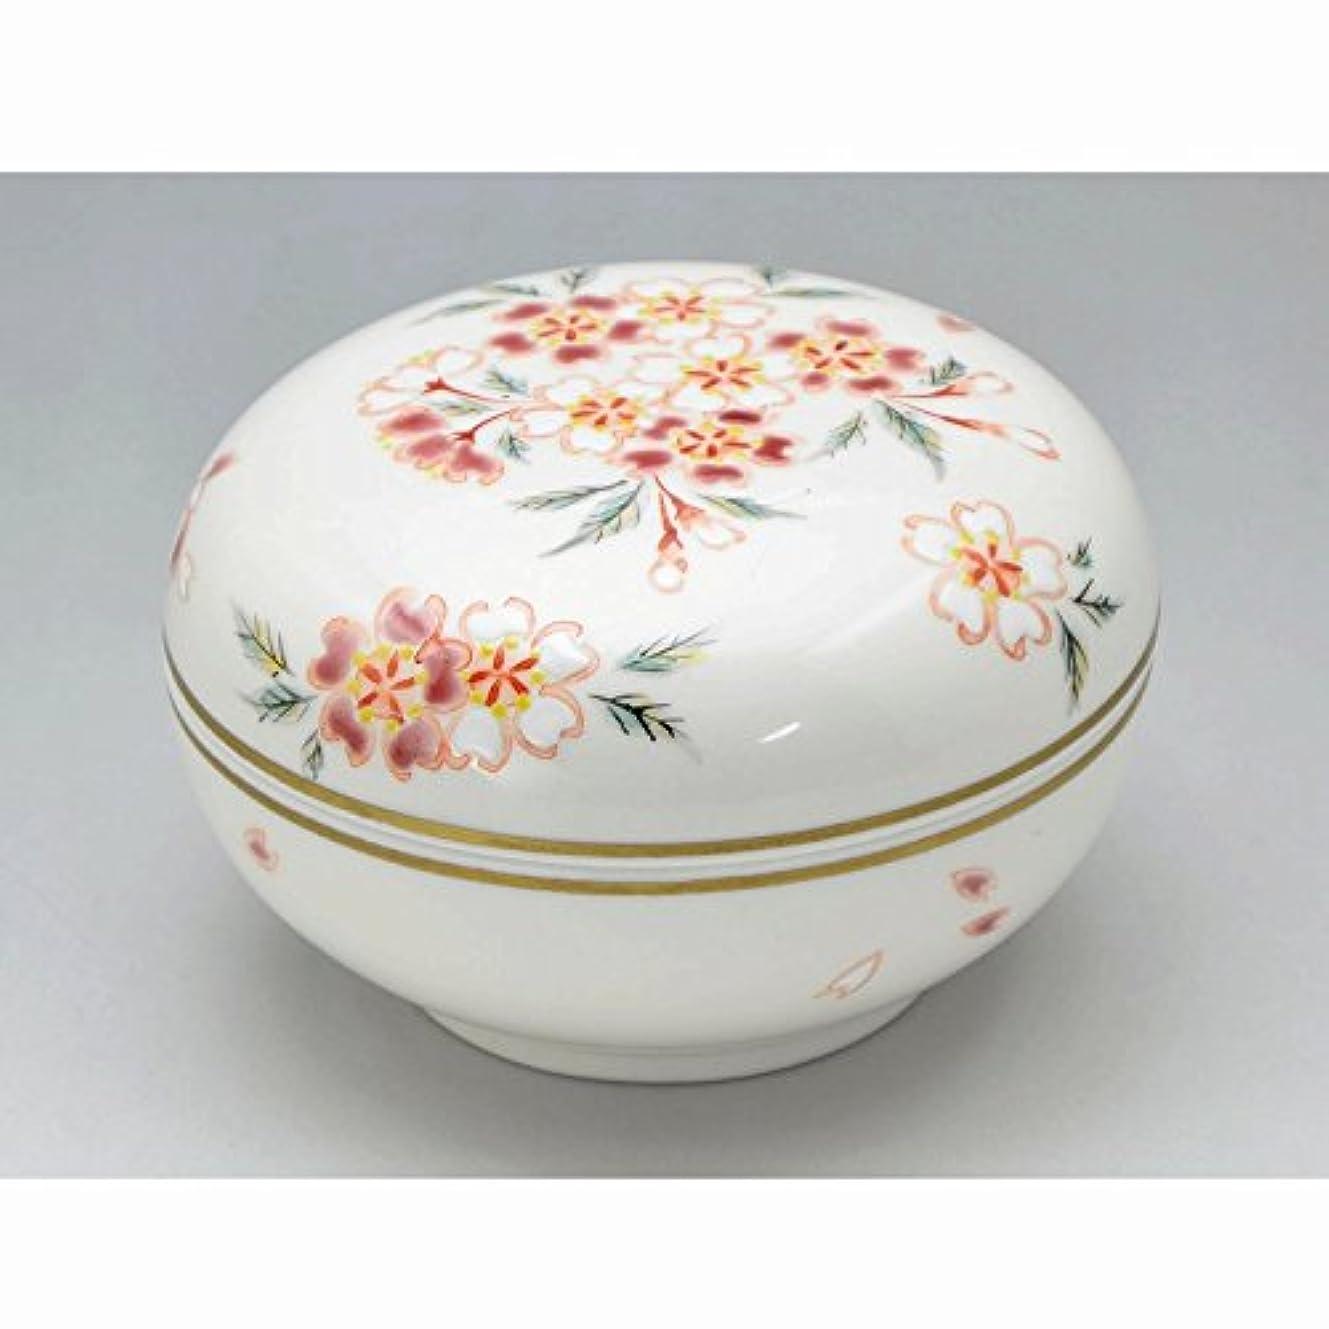 京焼?清水焼 磁器 香合 花桜 紙箱入 Kiyomizu-kyo yaki ware. Japanese porcelain kogo incense burner hanazakura with paper box.